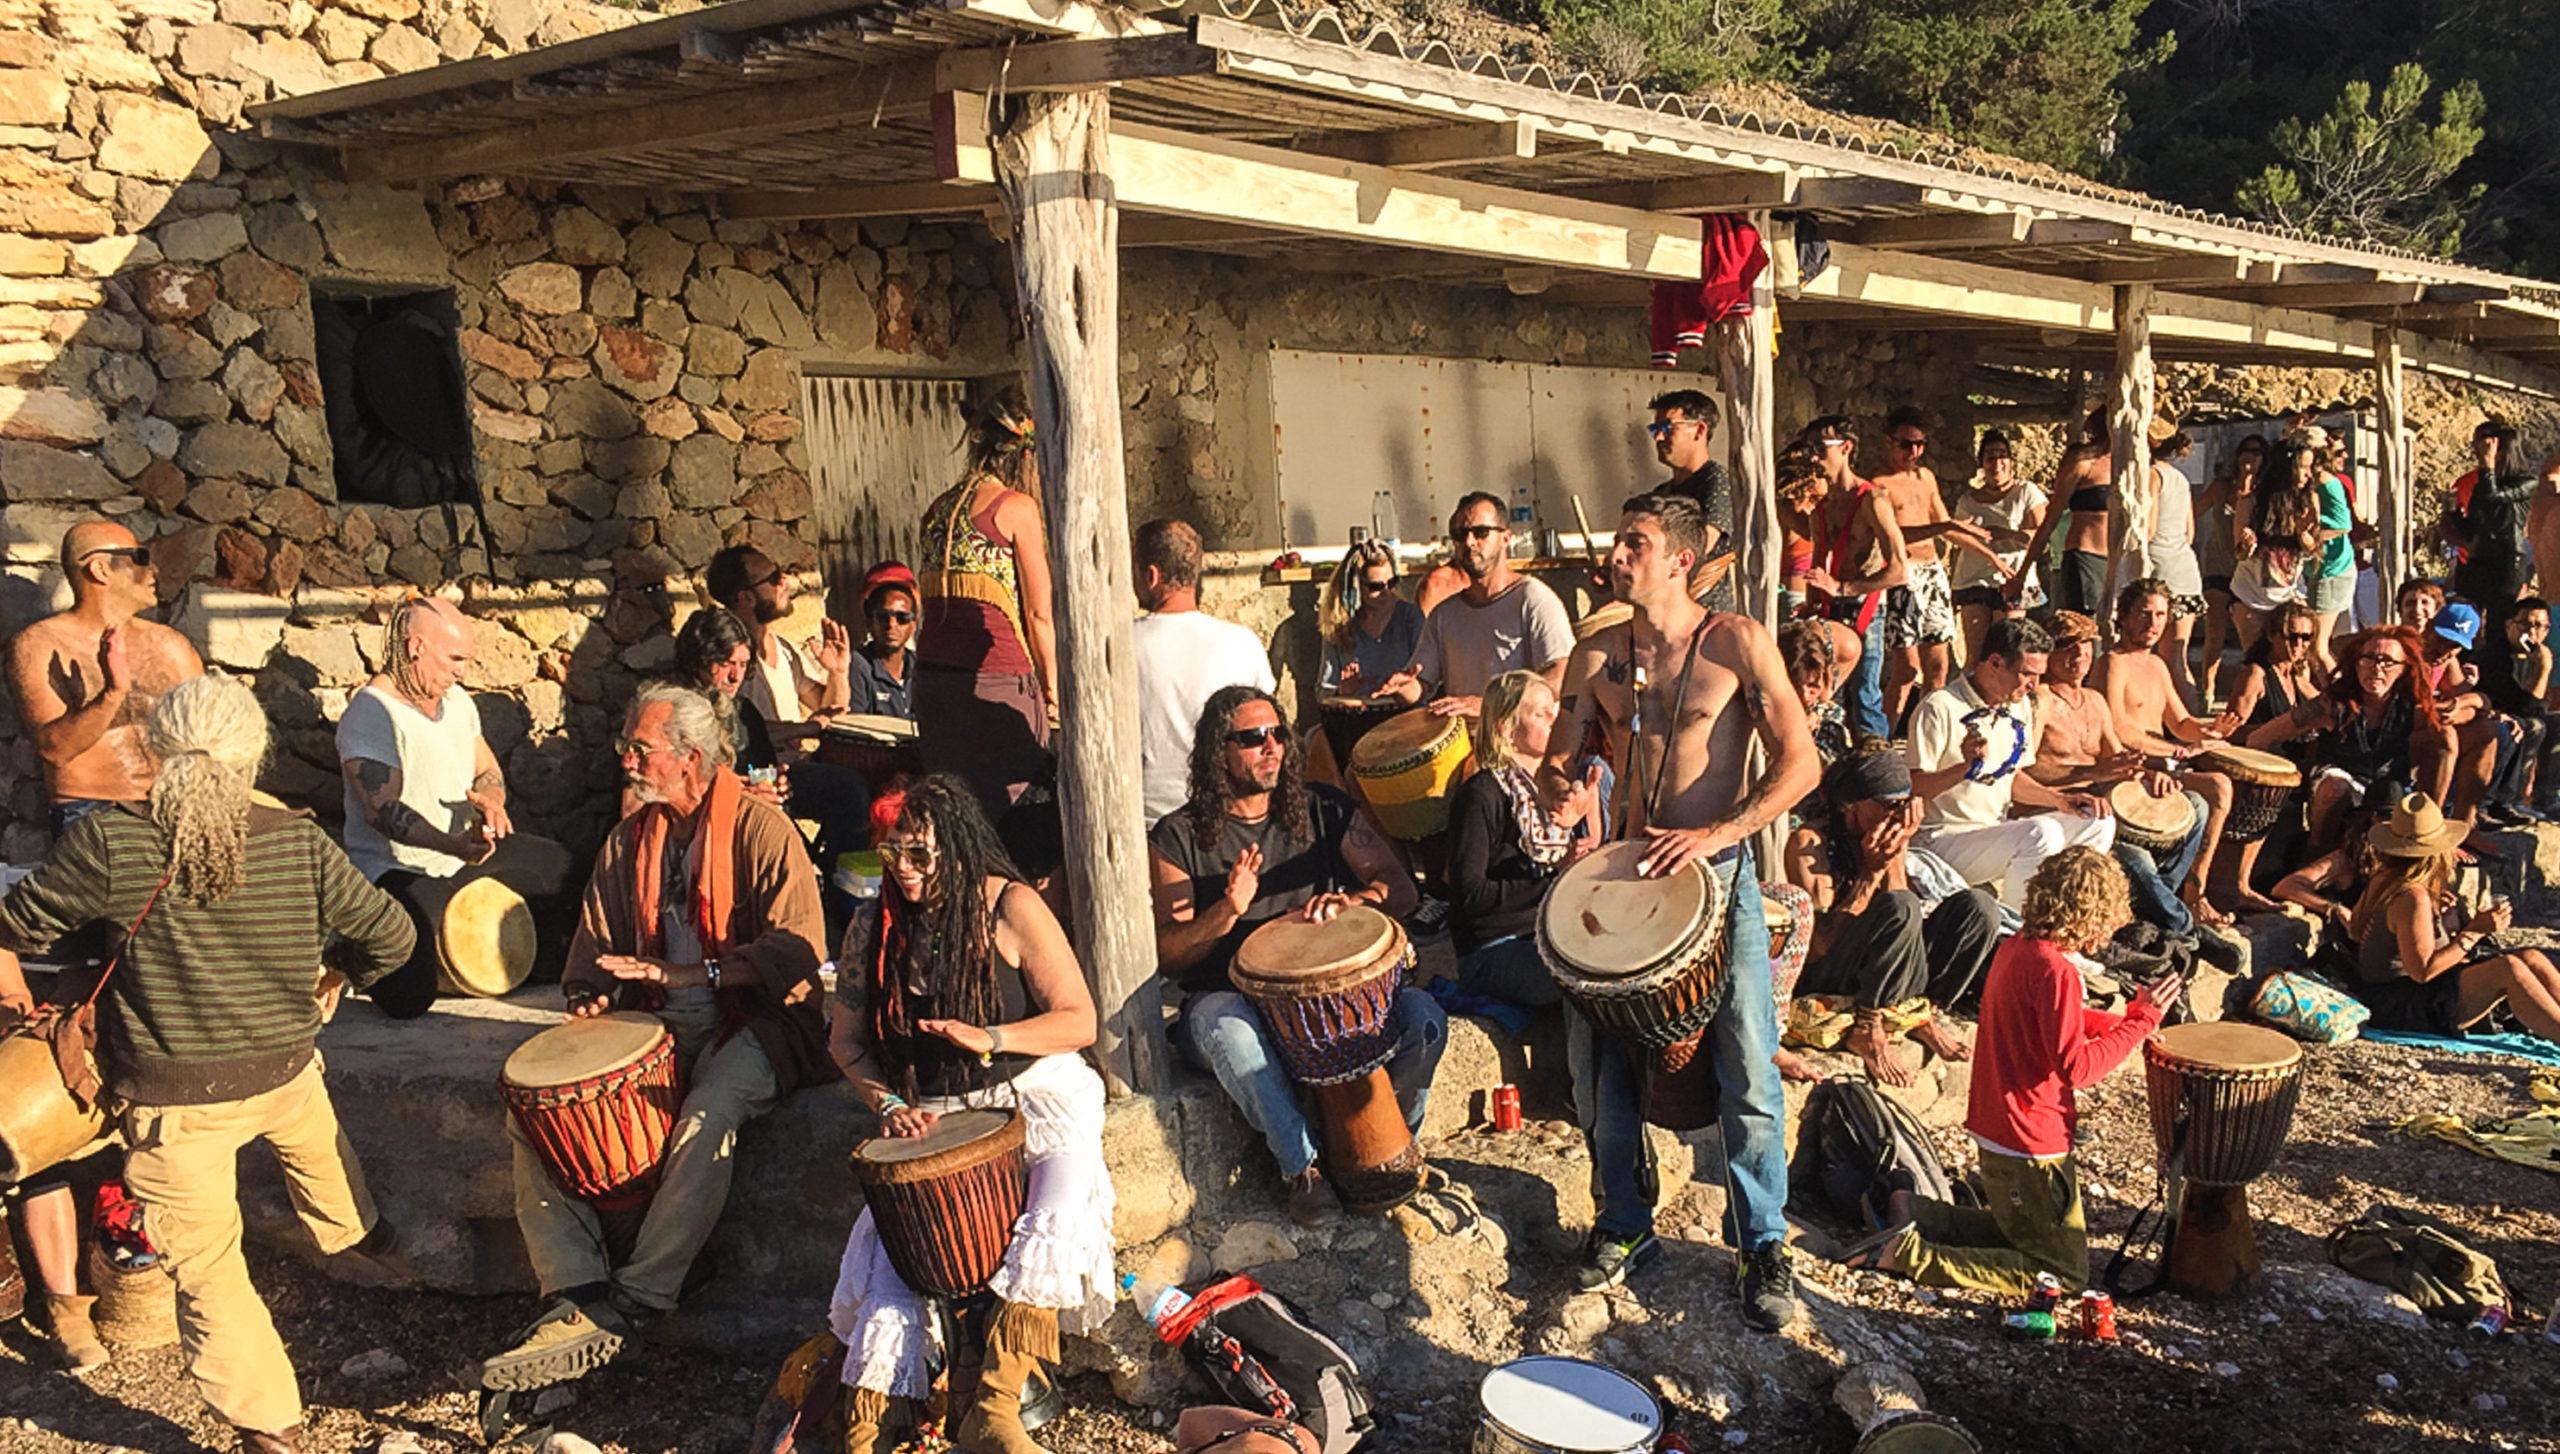 Jeden Sonntag zum Sonnenuntergang trommeln die Hippies in der Cala Benirras für ein bessere Leben.